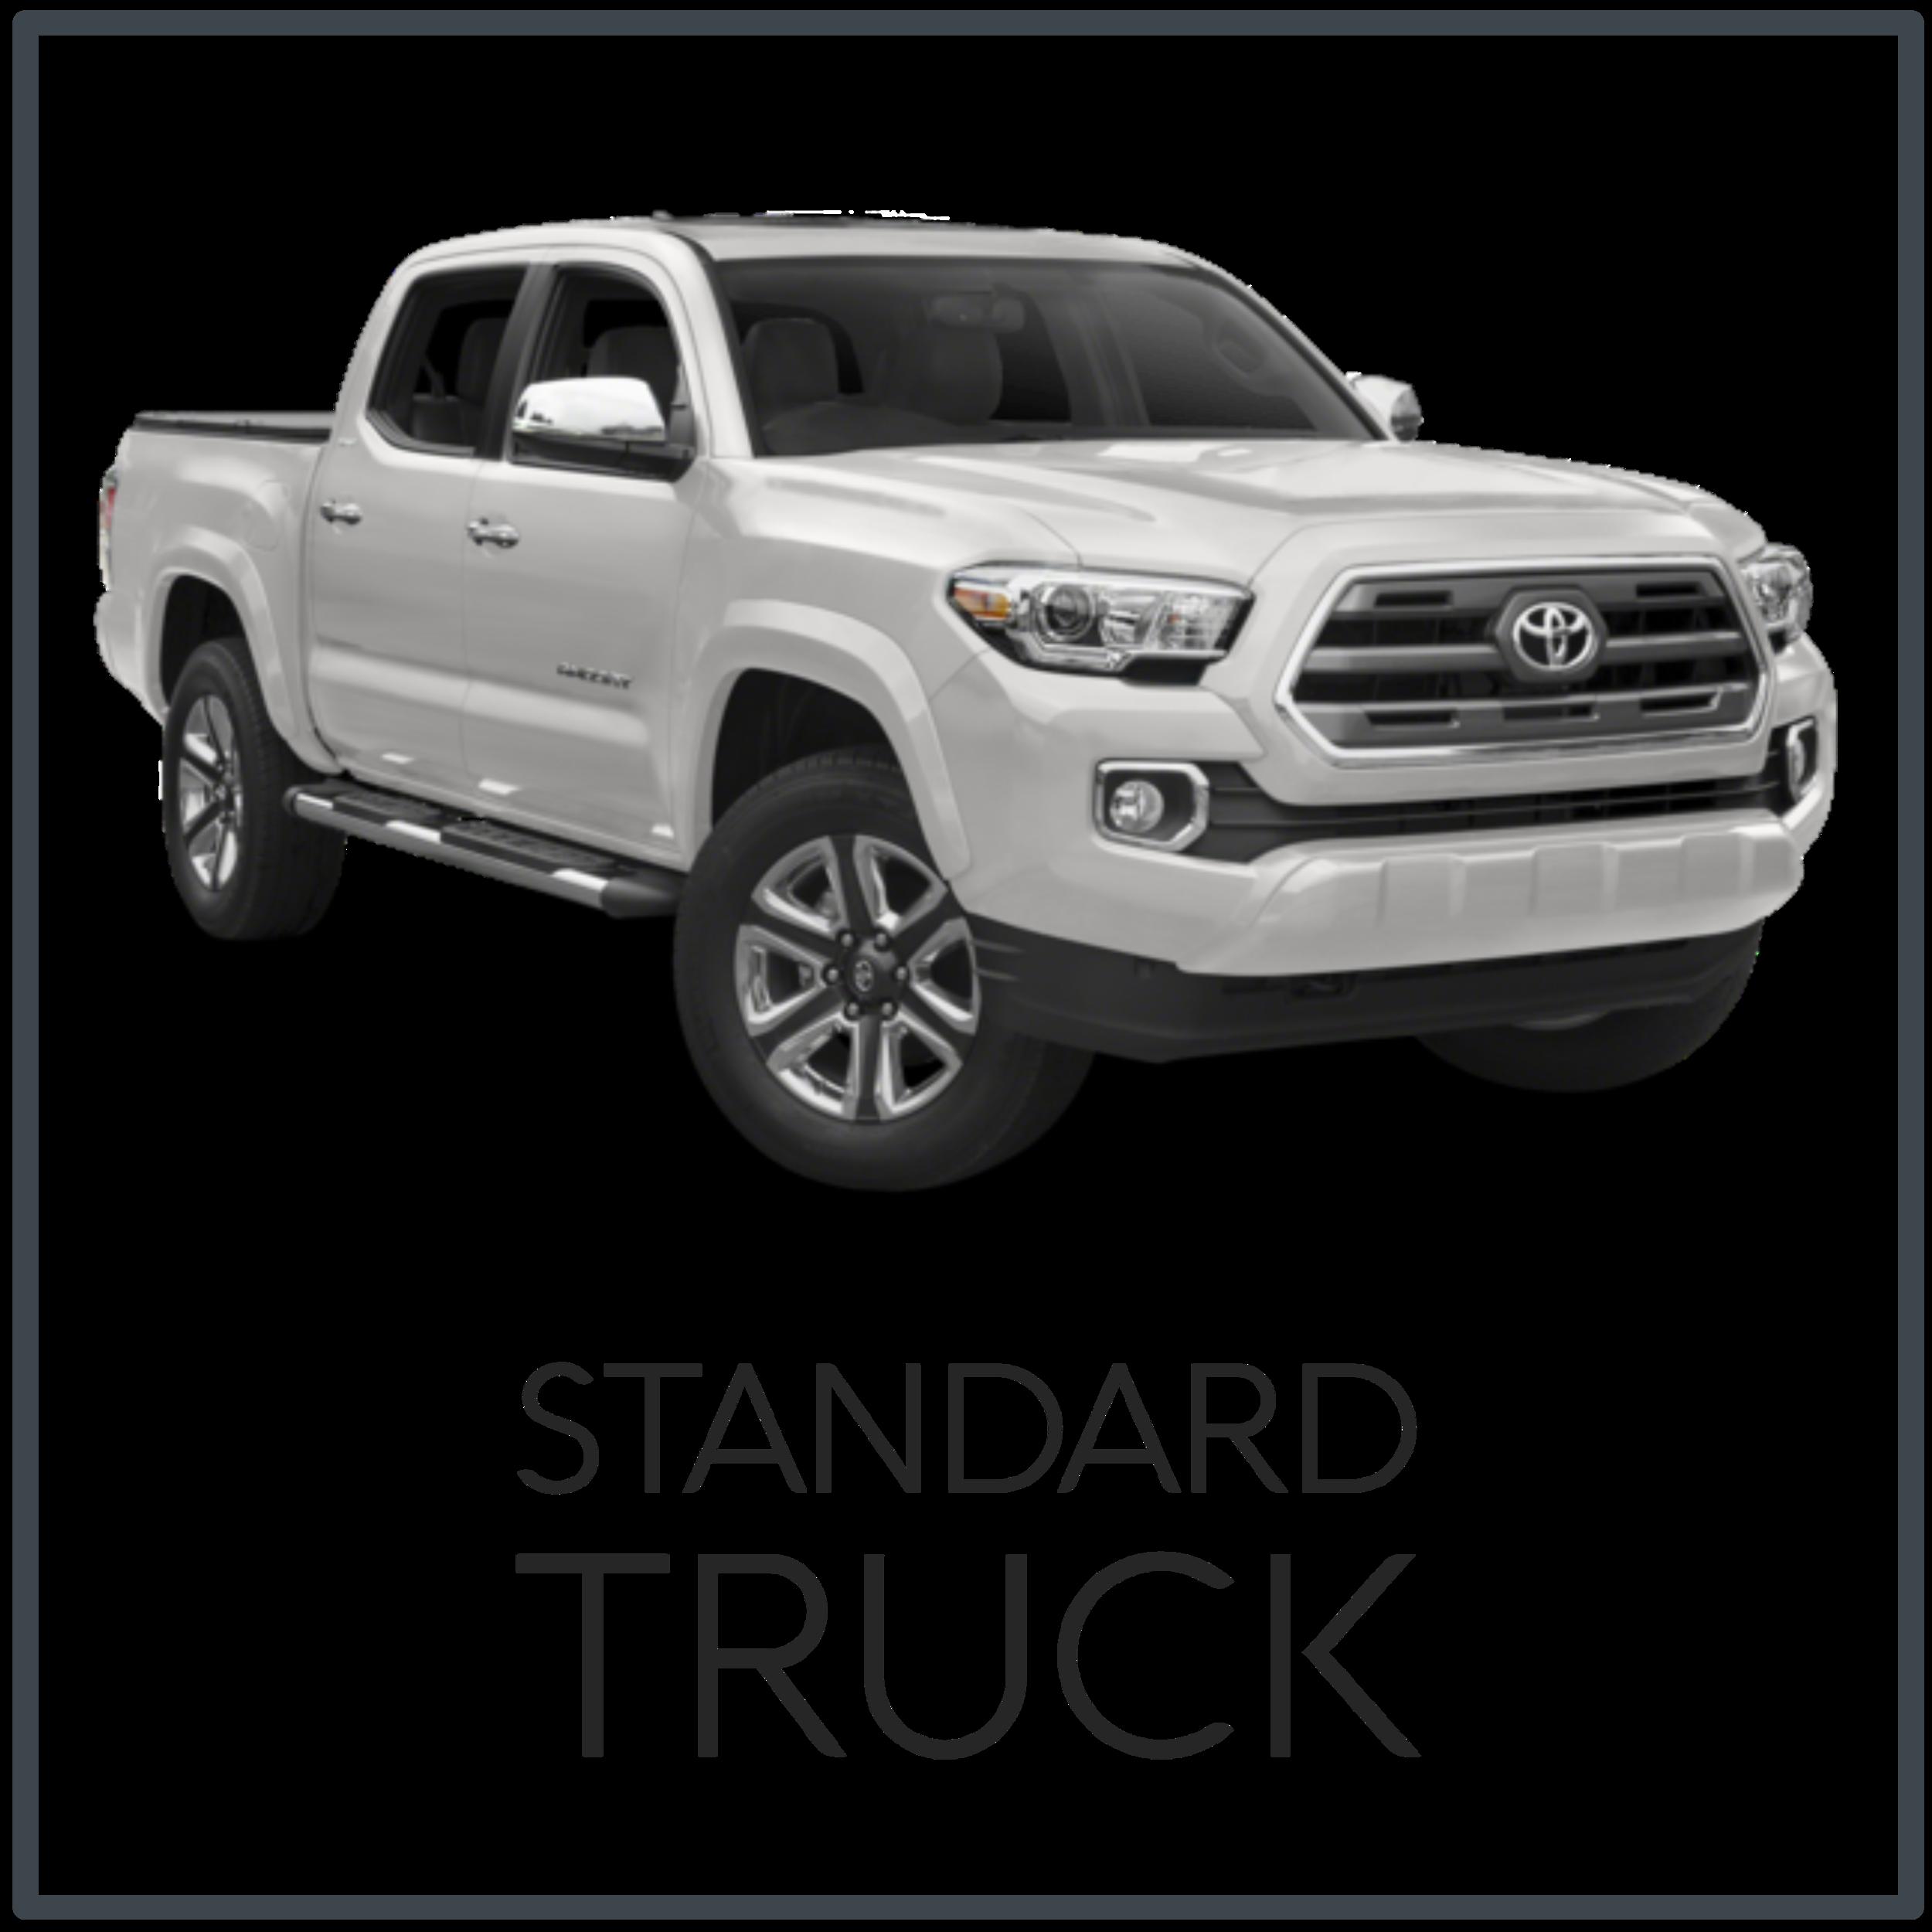 standard truck.png